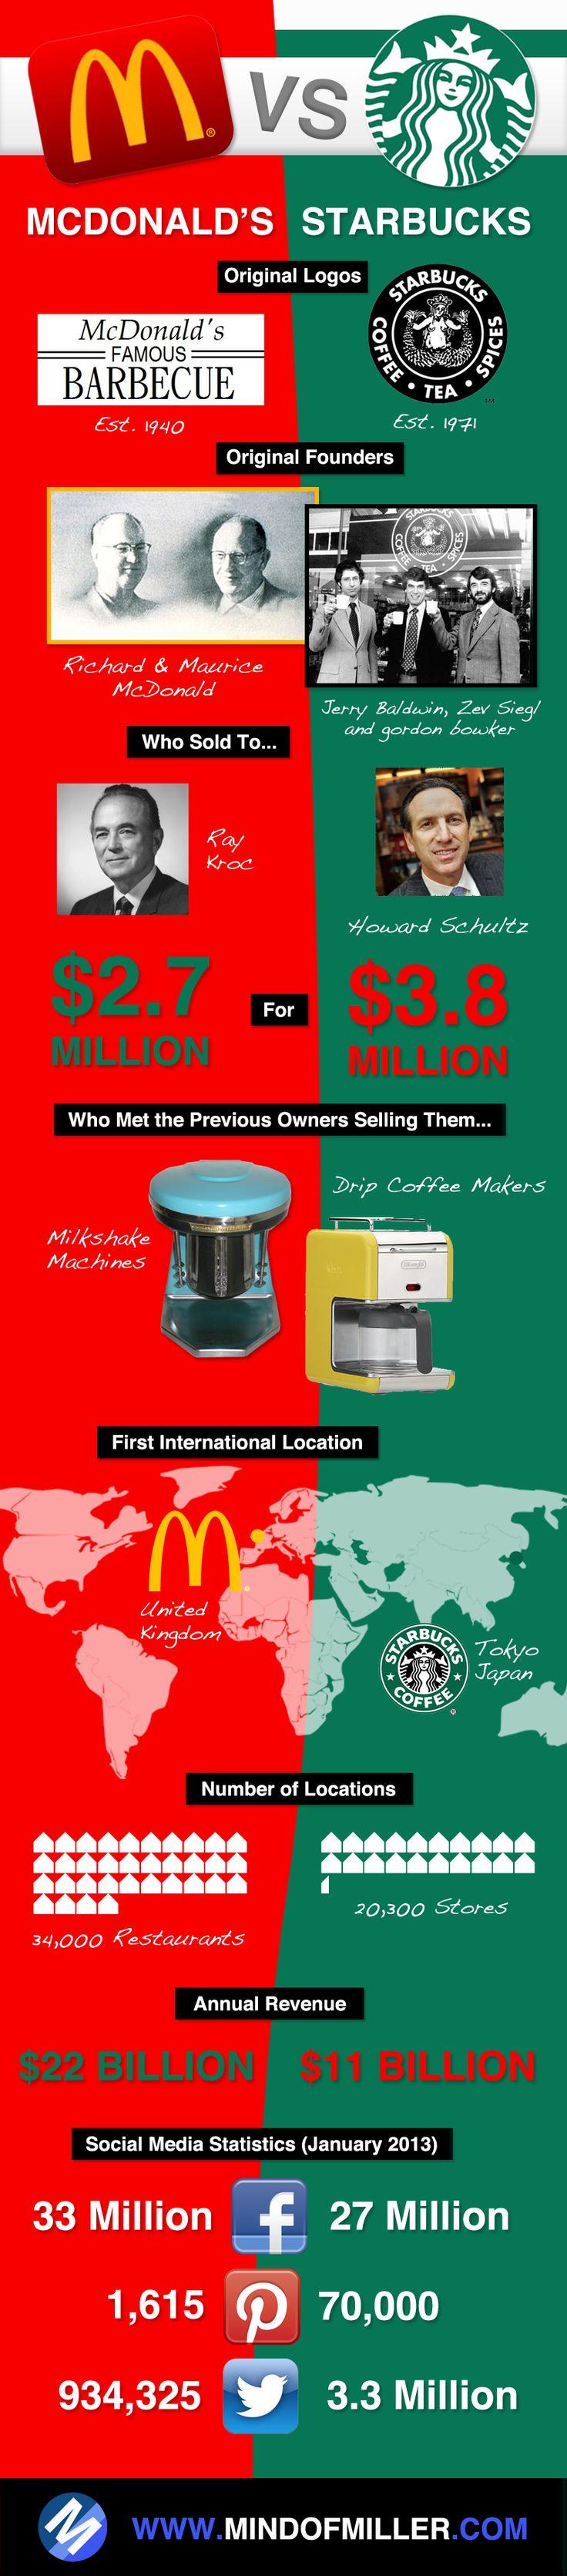 McDonald's vs. Starbucks #infografia #infographic